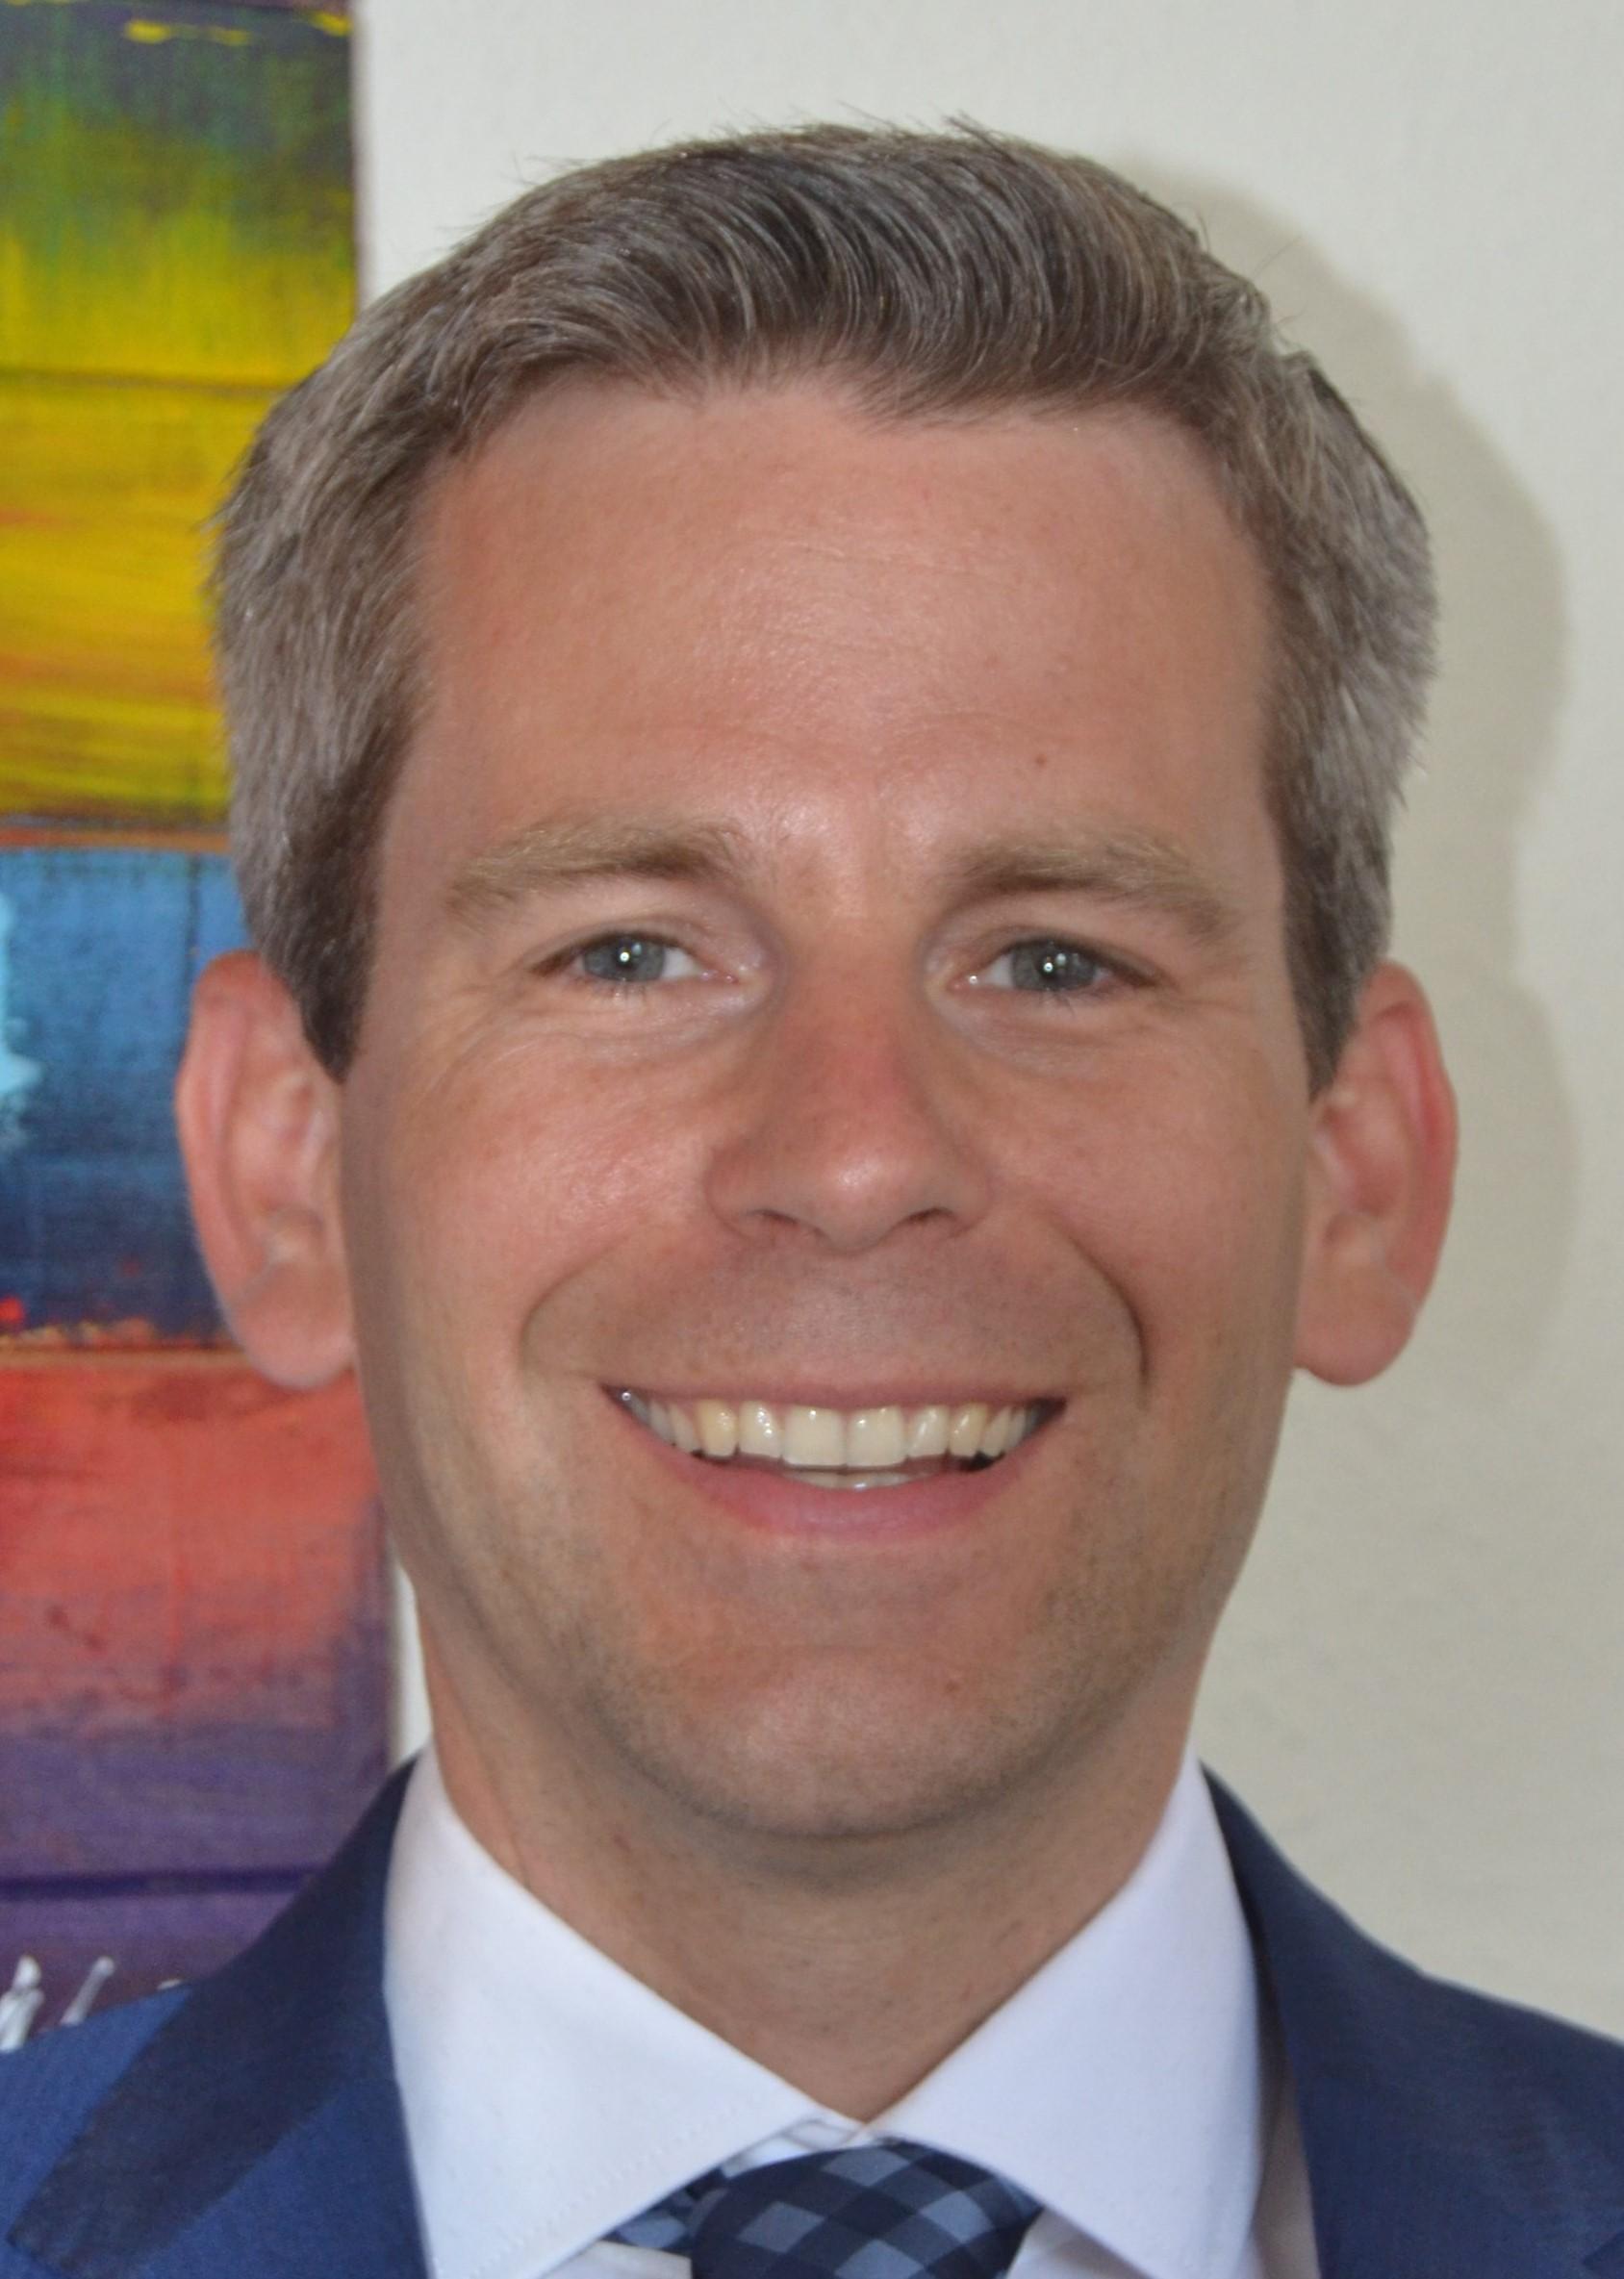 Notar Dr. Peter Karlsruhe